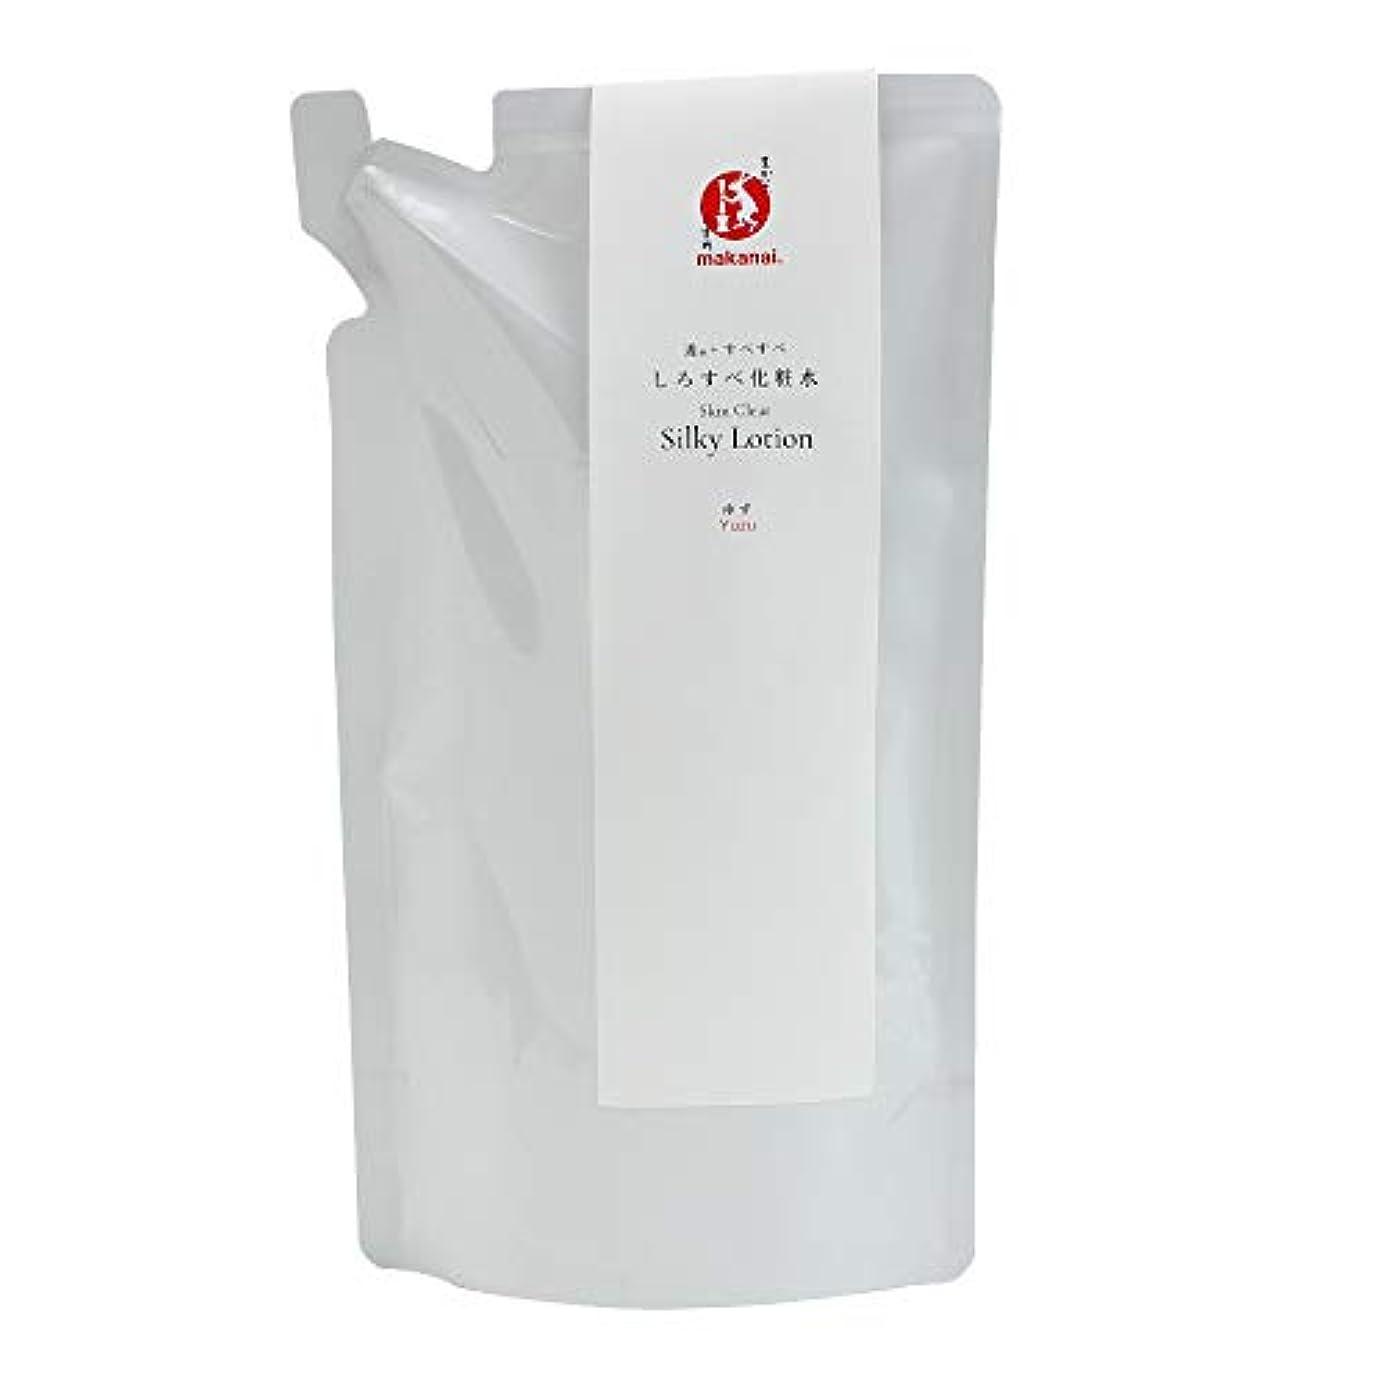 不純運命的な誇張まかないこすめ しろすべ化粧水(詰め替え用) 150ml